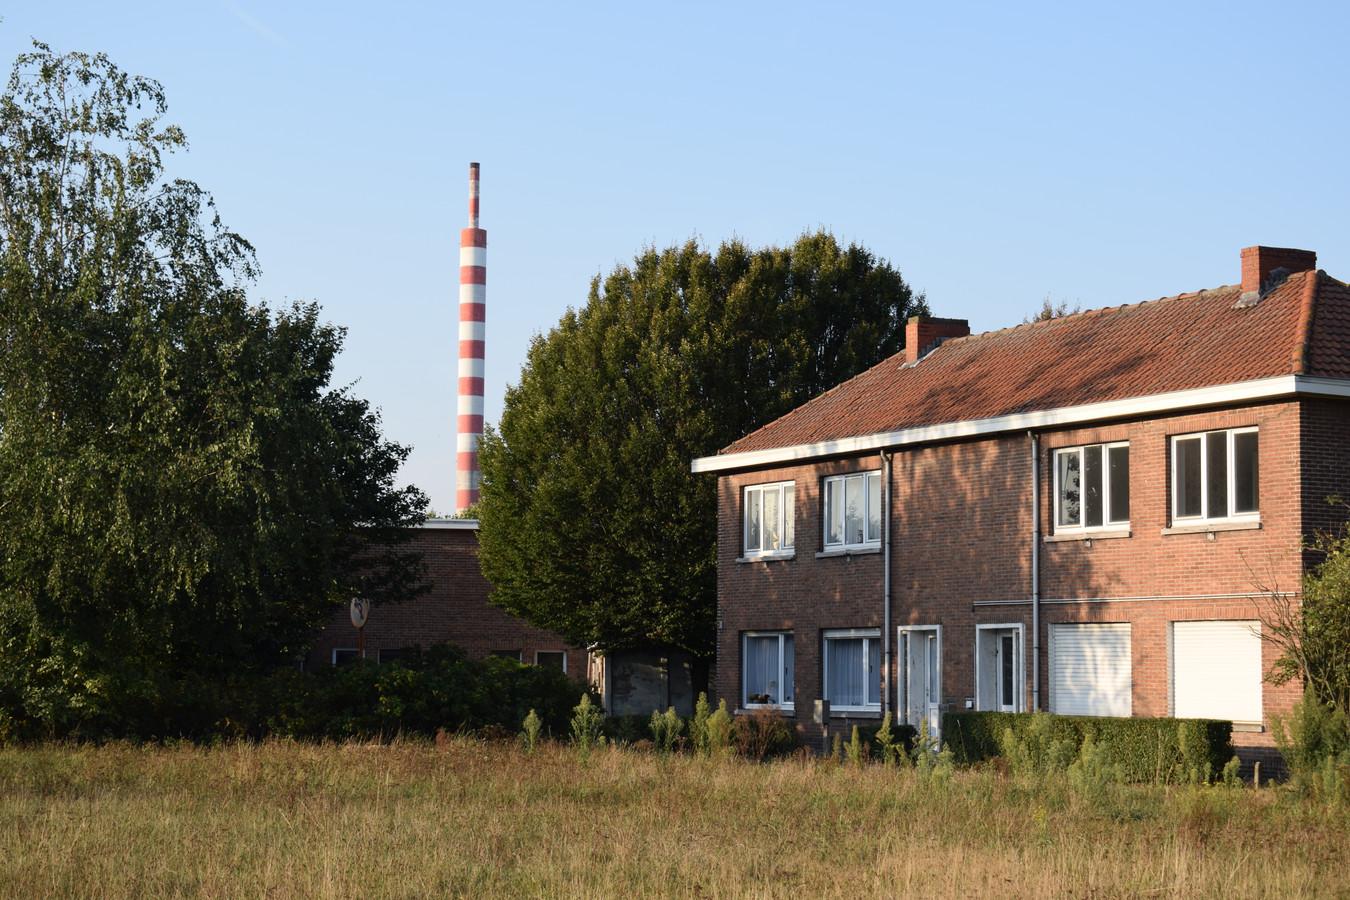 De befaamde Kuhlmanschouw gezien vanuit de wijk Klein Rusland.